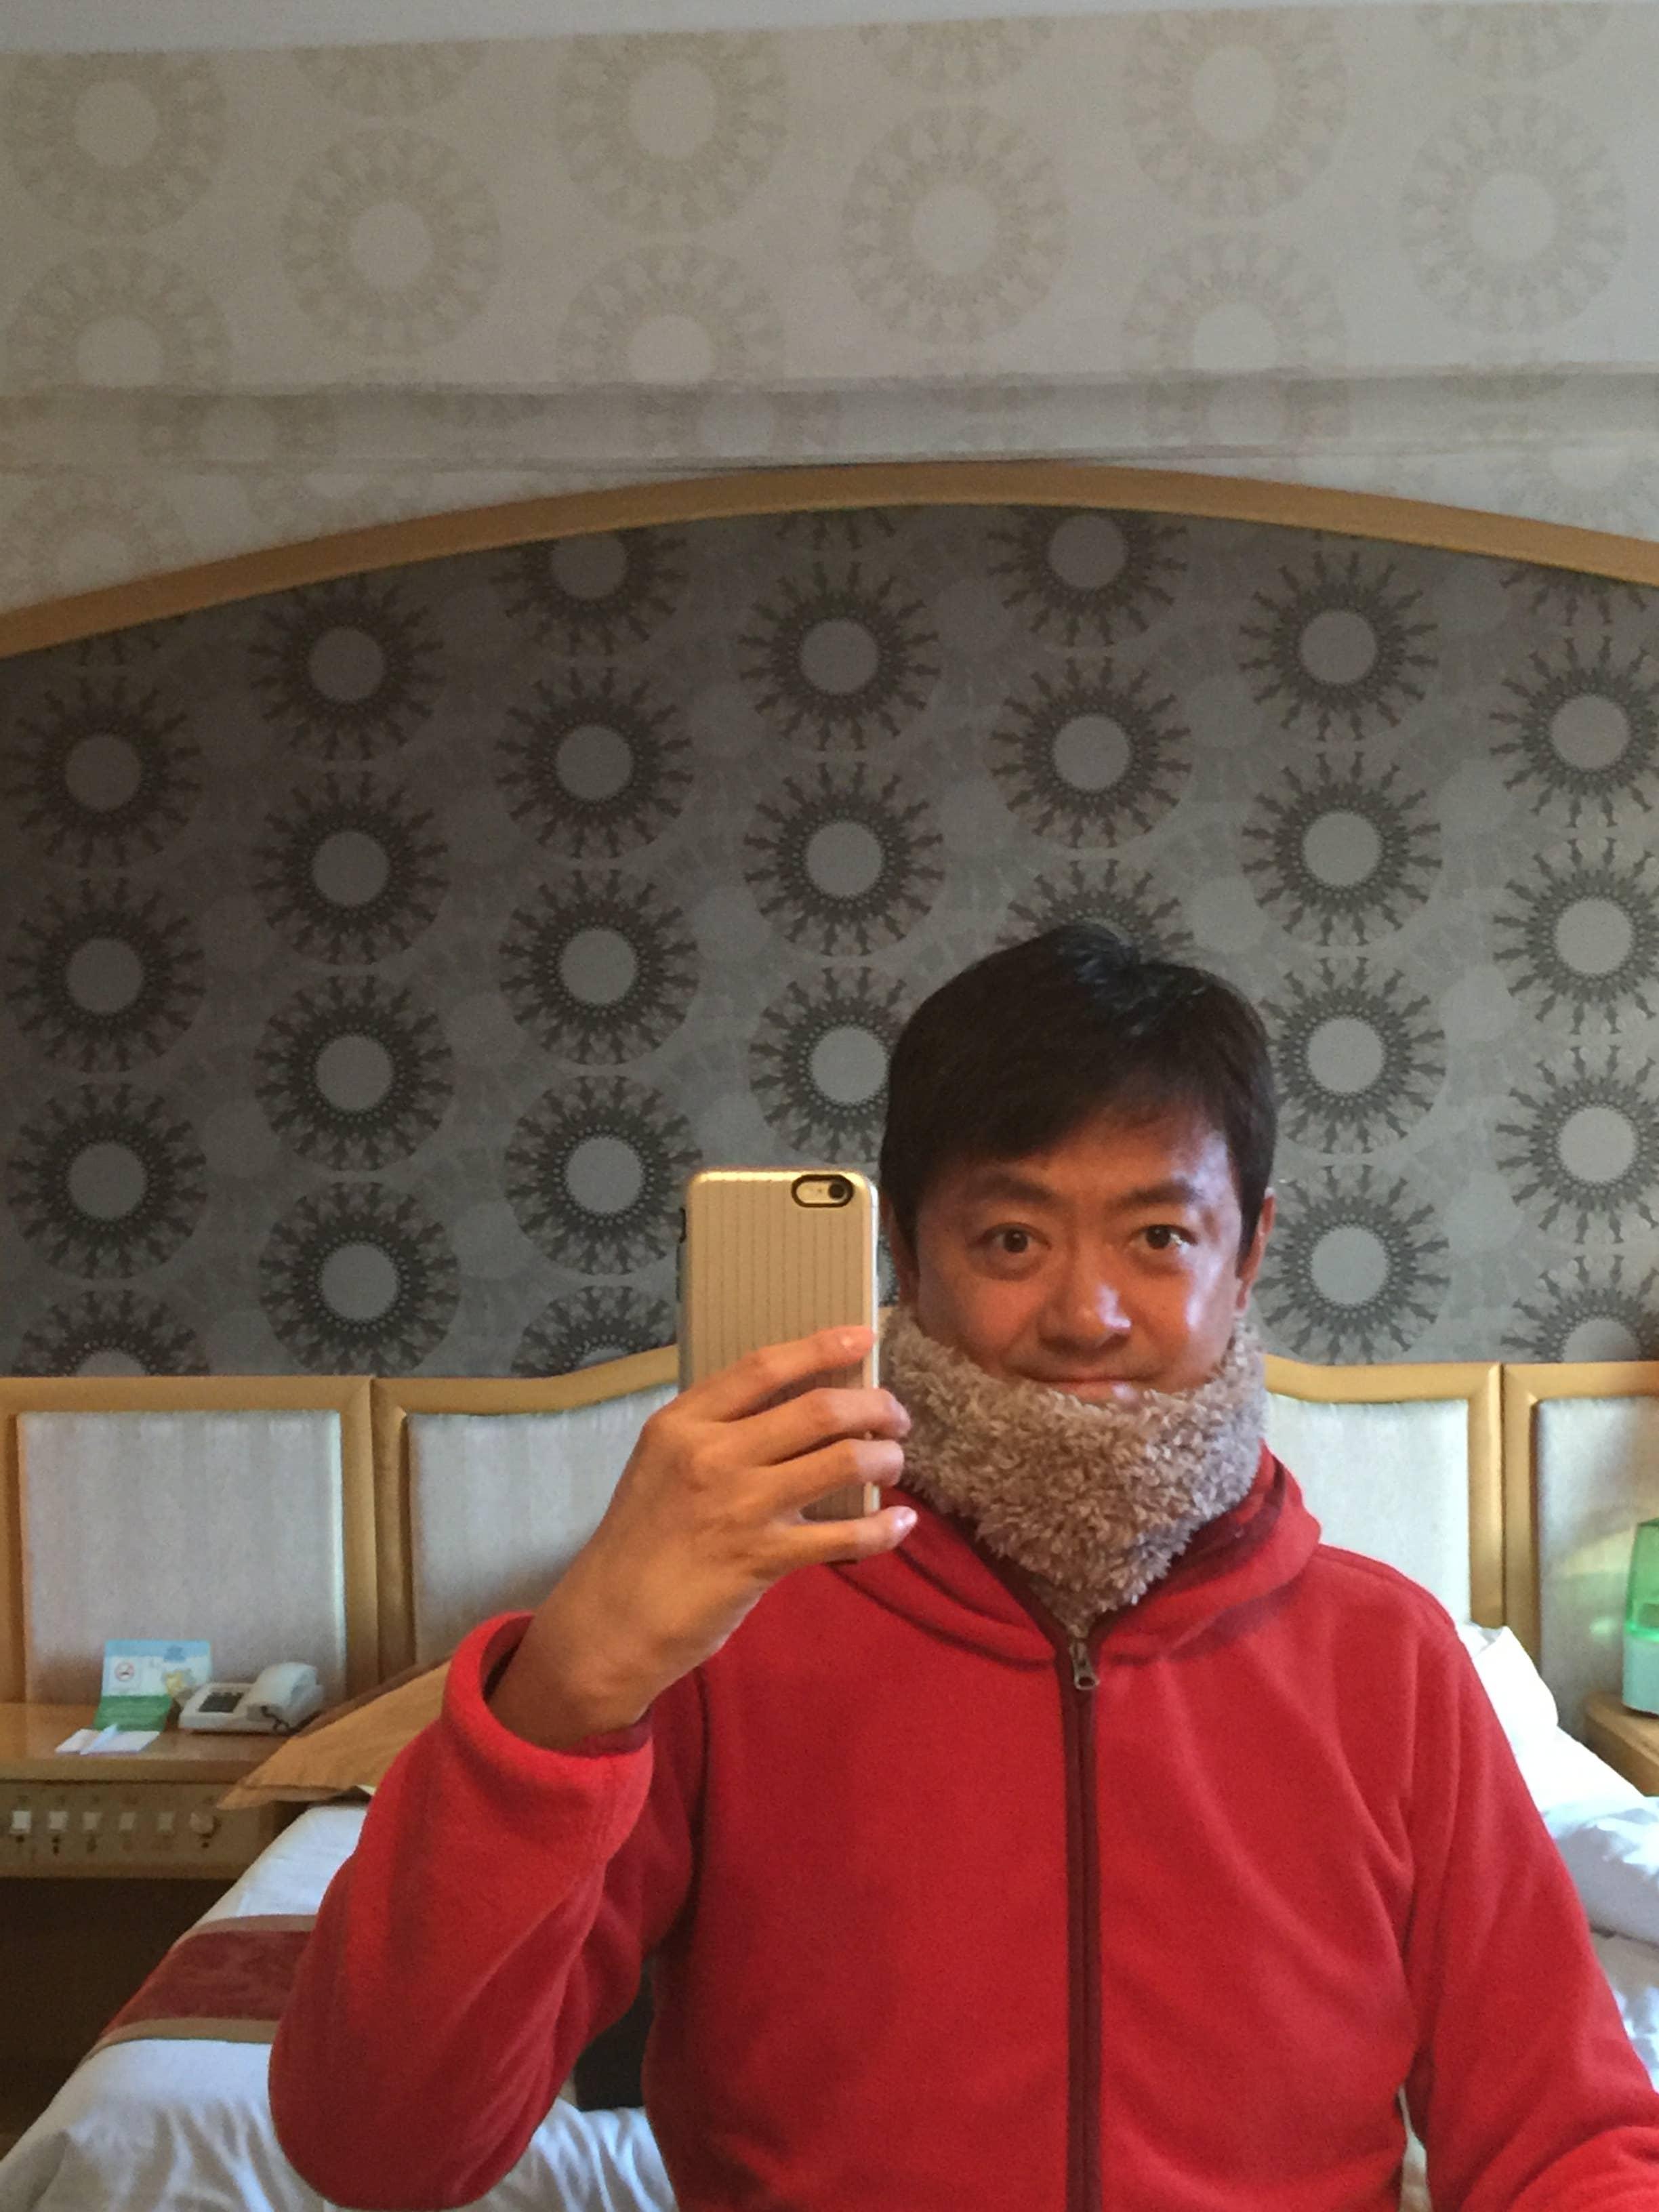 Yuji Yoneta